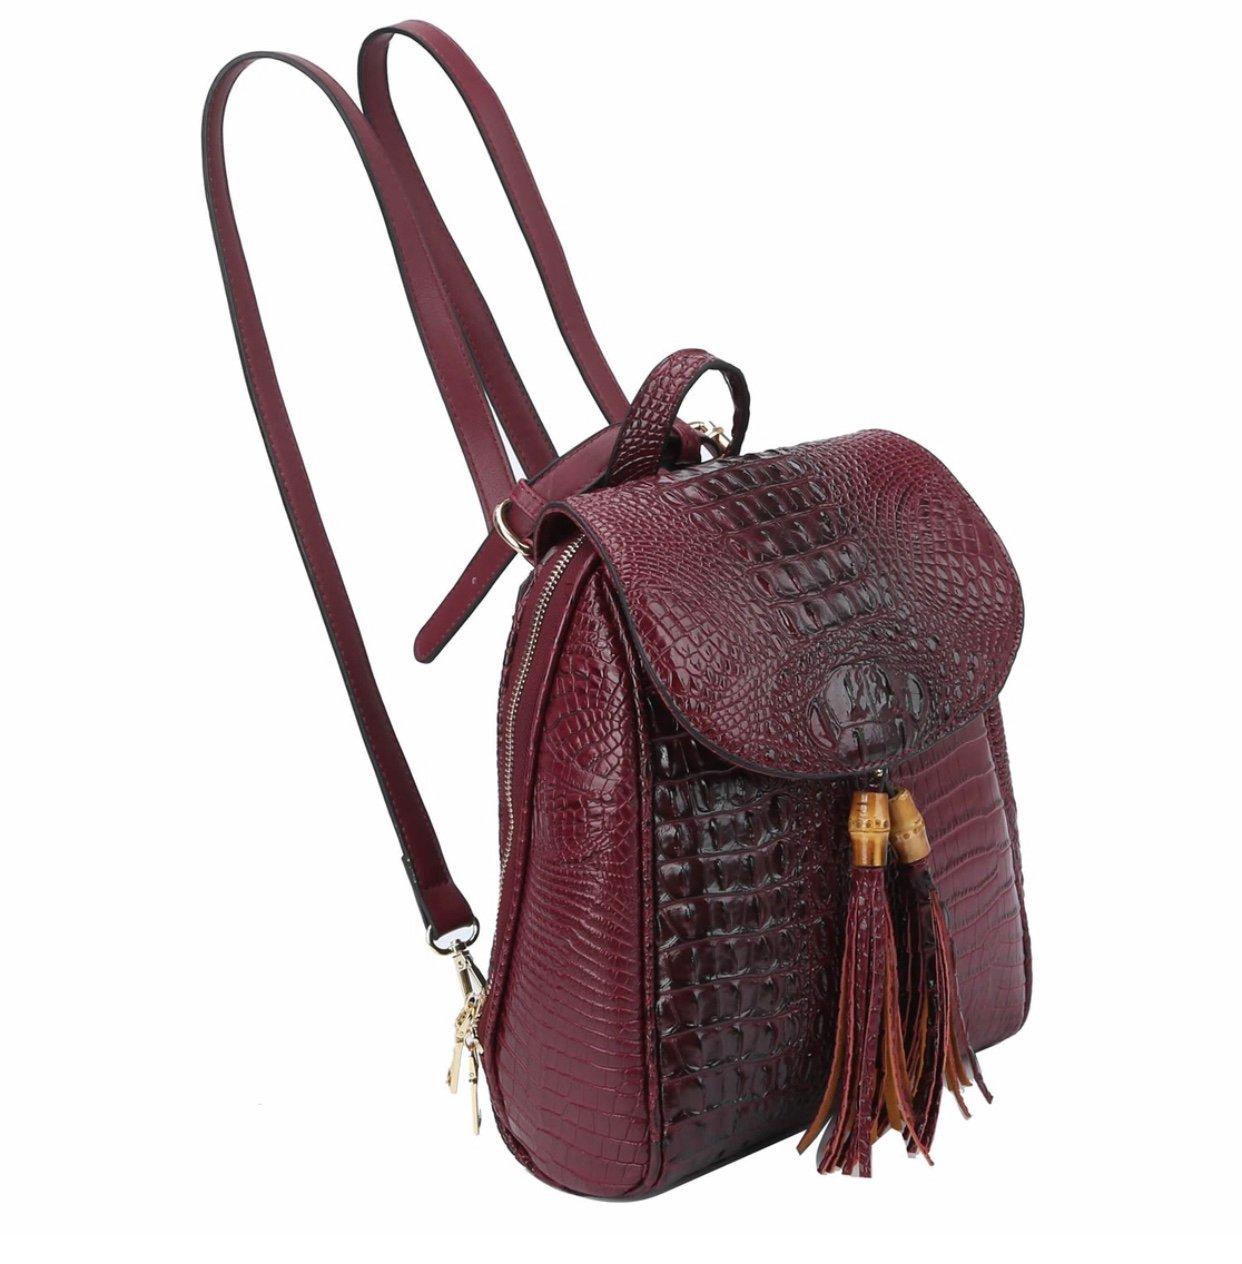 Image of Butler Bag